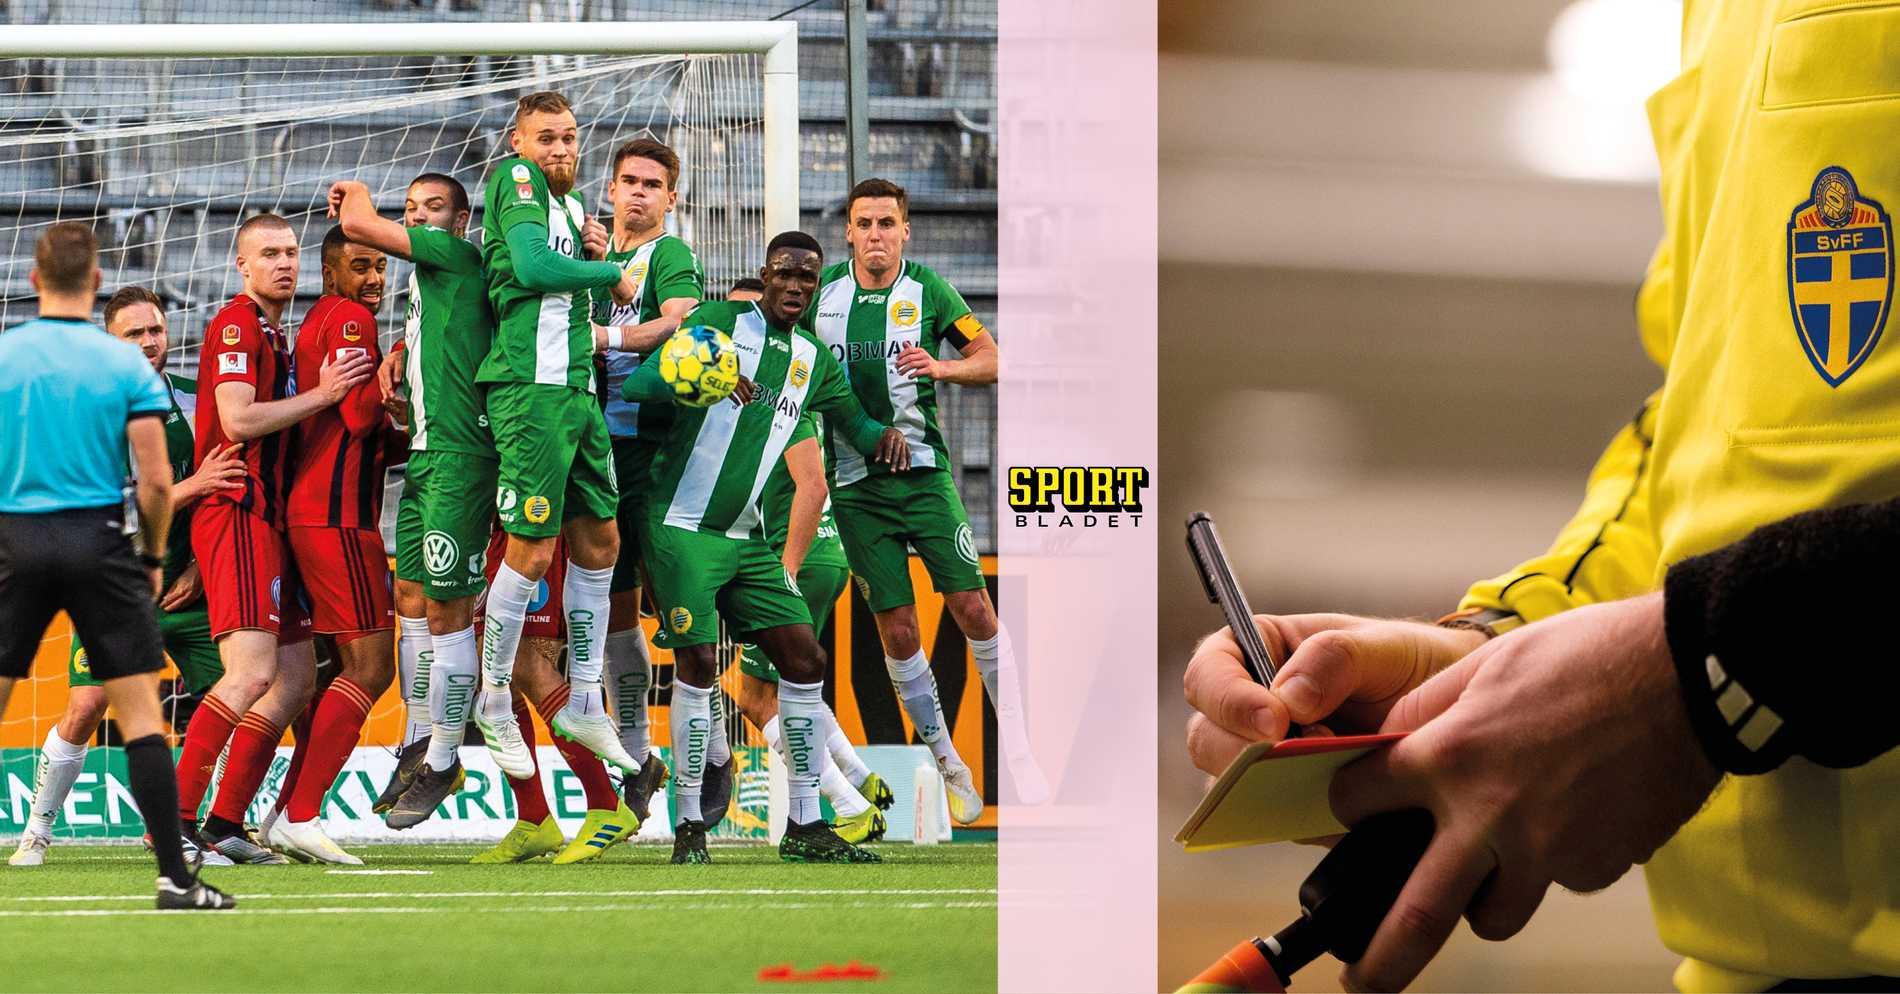 Djurgården Fotboll: 23 nya regler införs i allsvenskan efter uppehållet